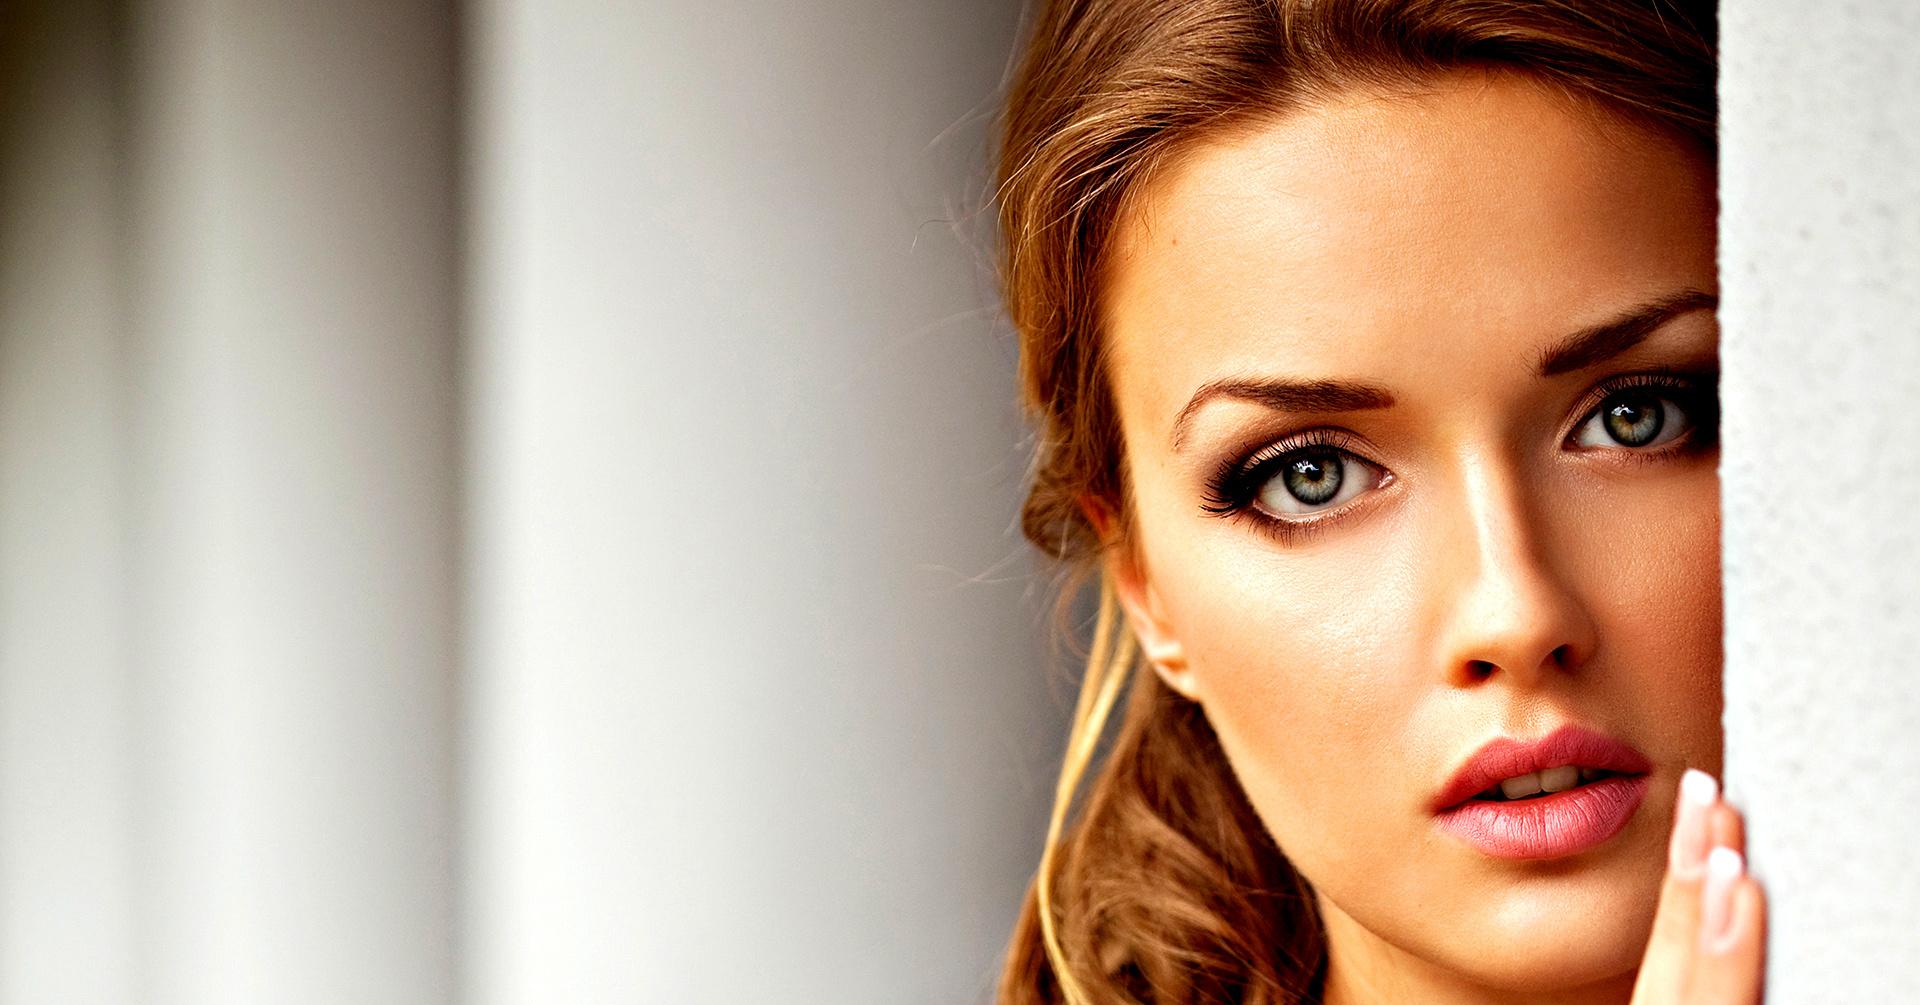 Самые красивые австрийские девушки 13 фотография